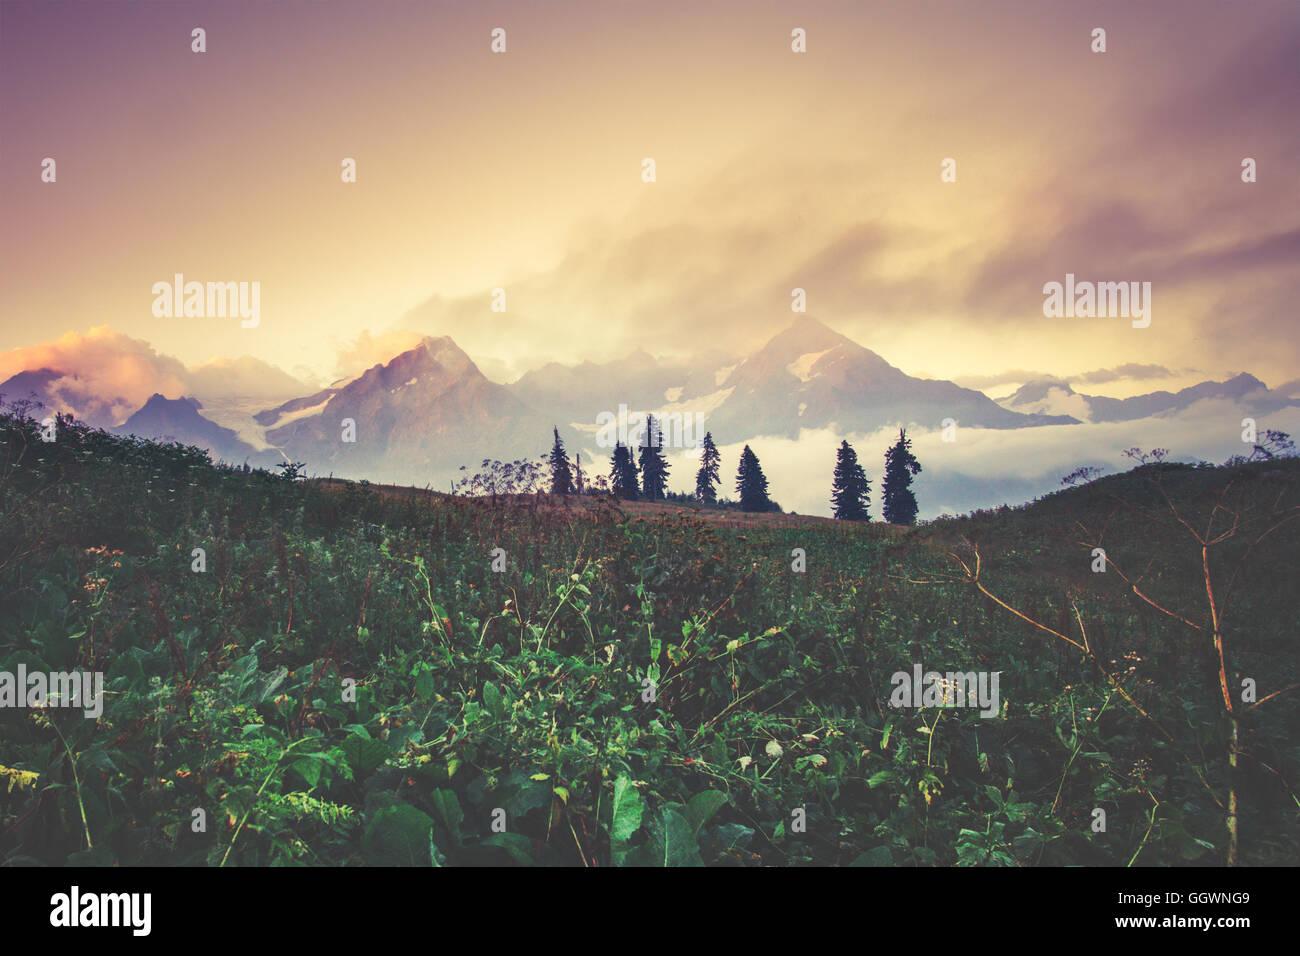 Hermoso paisaje de las montañas al atardecer vista escénica de viajes de verano Imagen De Stock